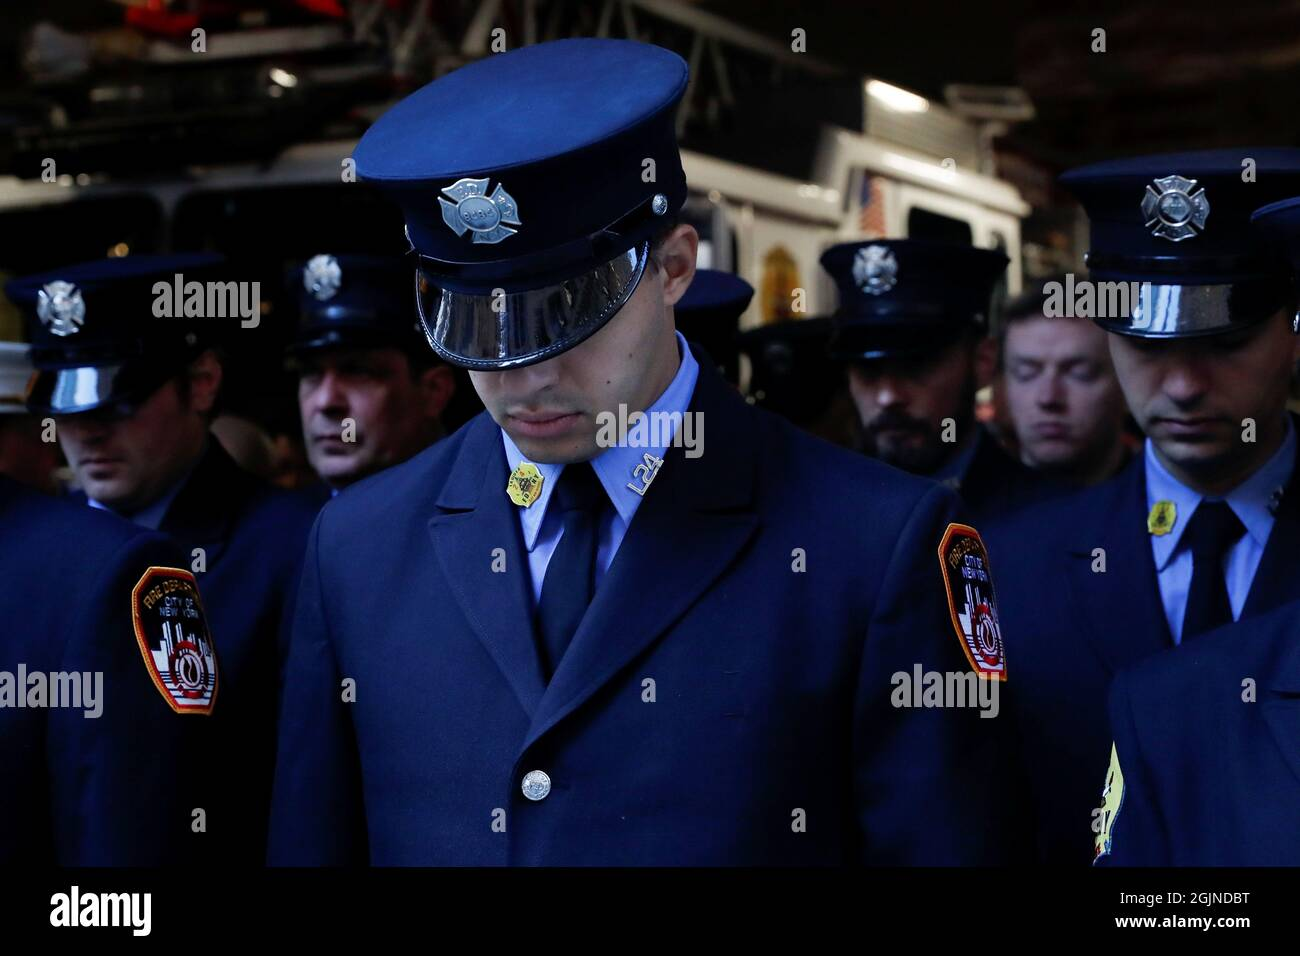 Feuerwehrleute nehmen an einer Zeremonie anlässlich des 20. Jahrestages der Anschläge vom 11. September 2001 im Feuerwehrhaus FDNY Engine 1/Ladder 24 in New York City, New York, USA, Teil, 11. September 2021. REUTERS/Shannon Stapleton Stockfoto